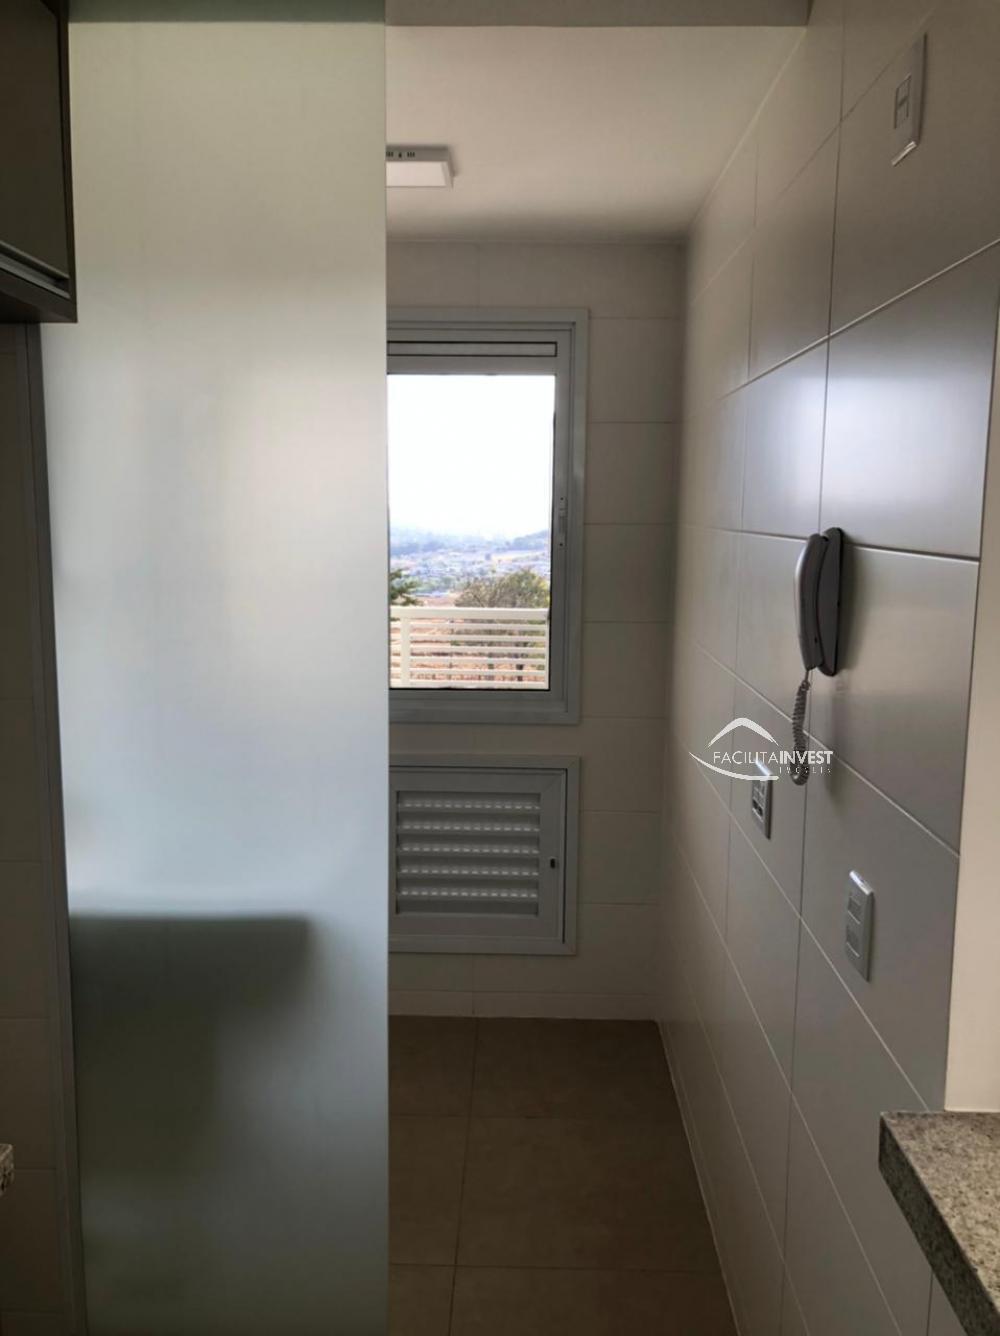 Alugar Apartamentos / Apart. Padrão em Ribeirão Preto R$ 3.200,00 - Foto 7